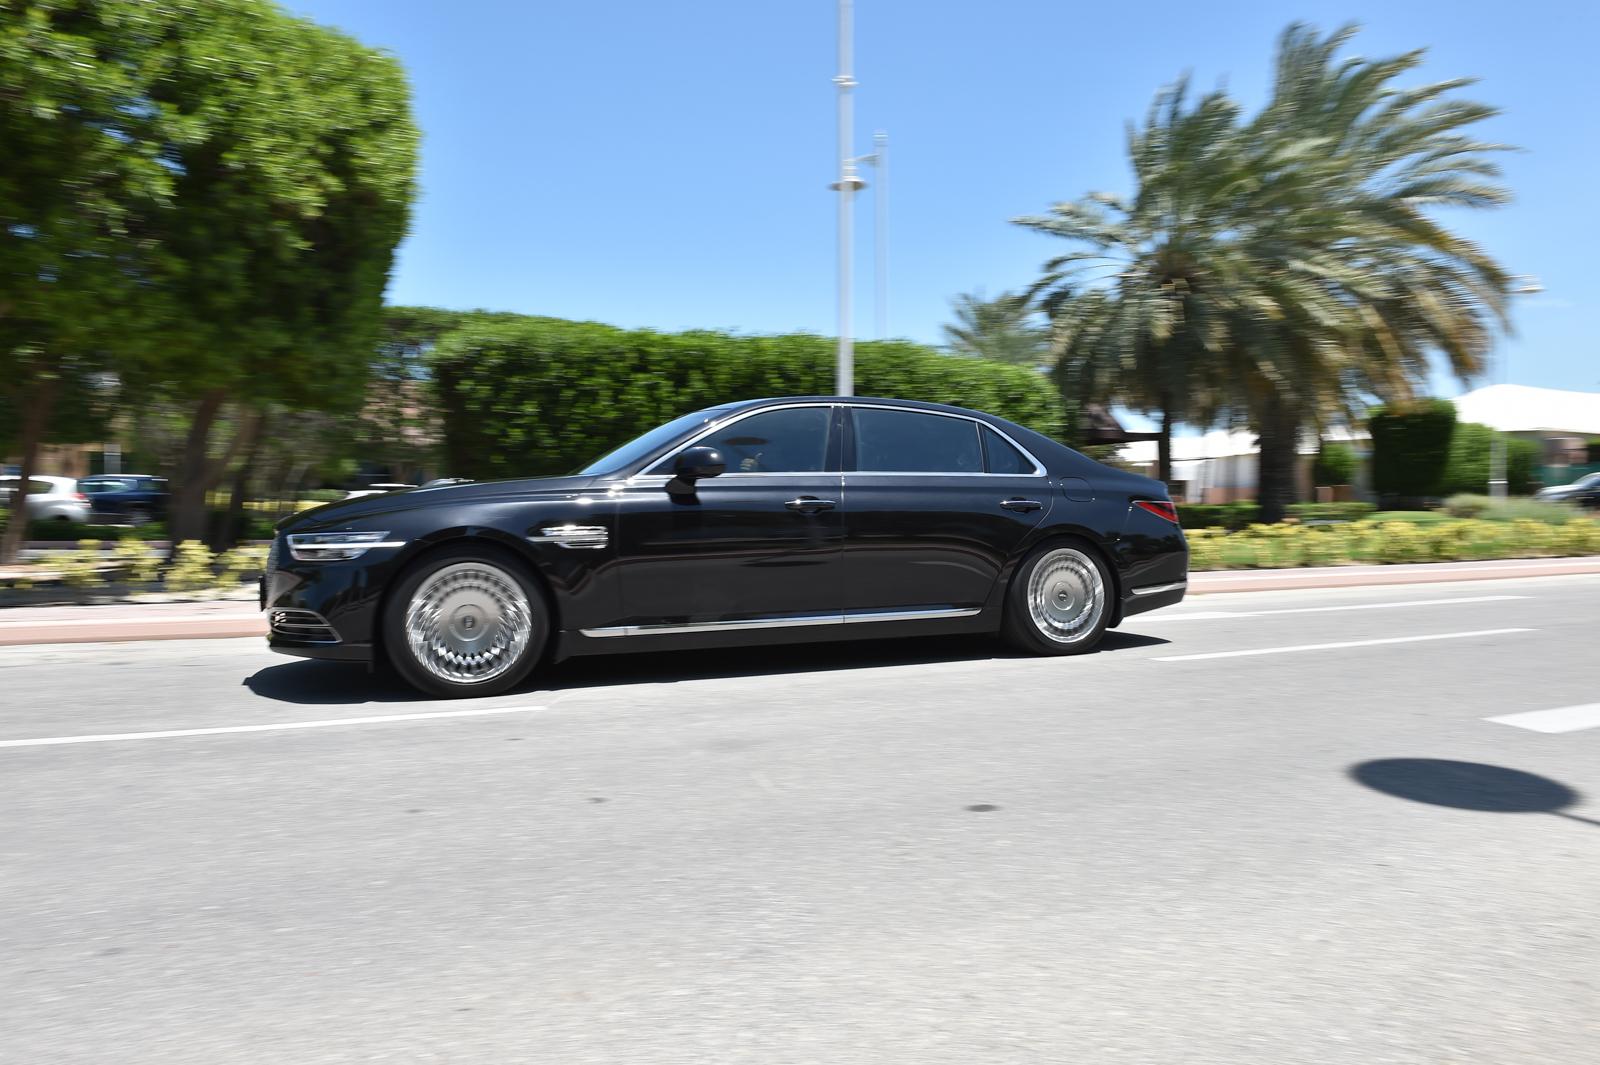 جينيسيس G90 الجديدة